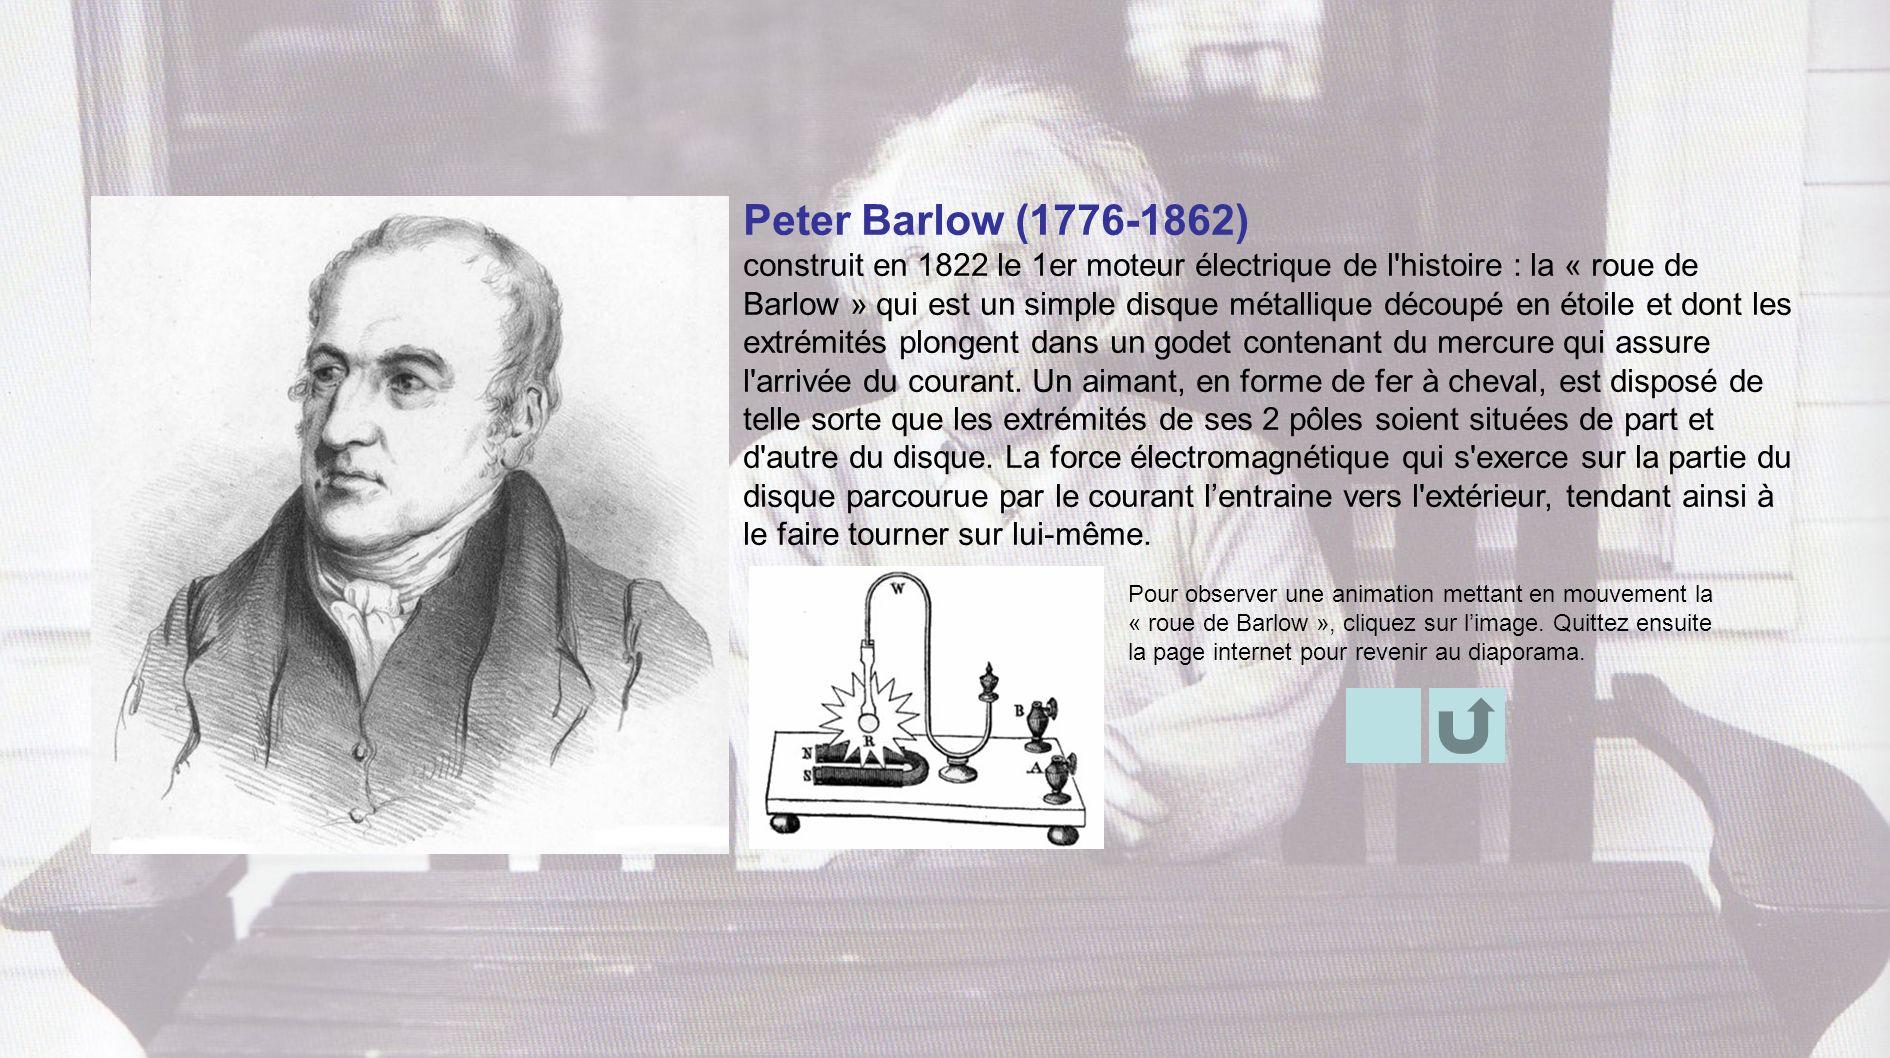 Peter Barlow (1776-1862)